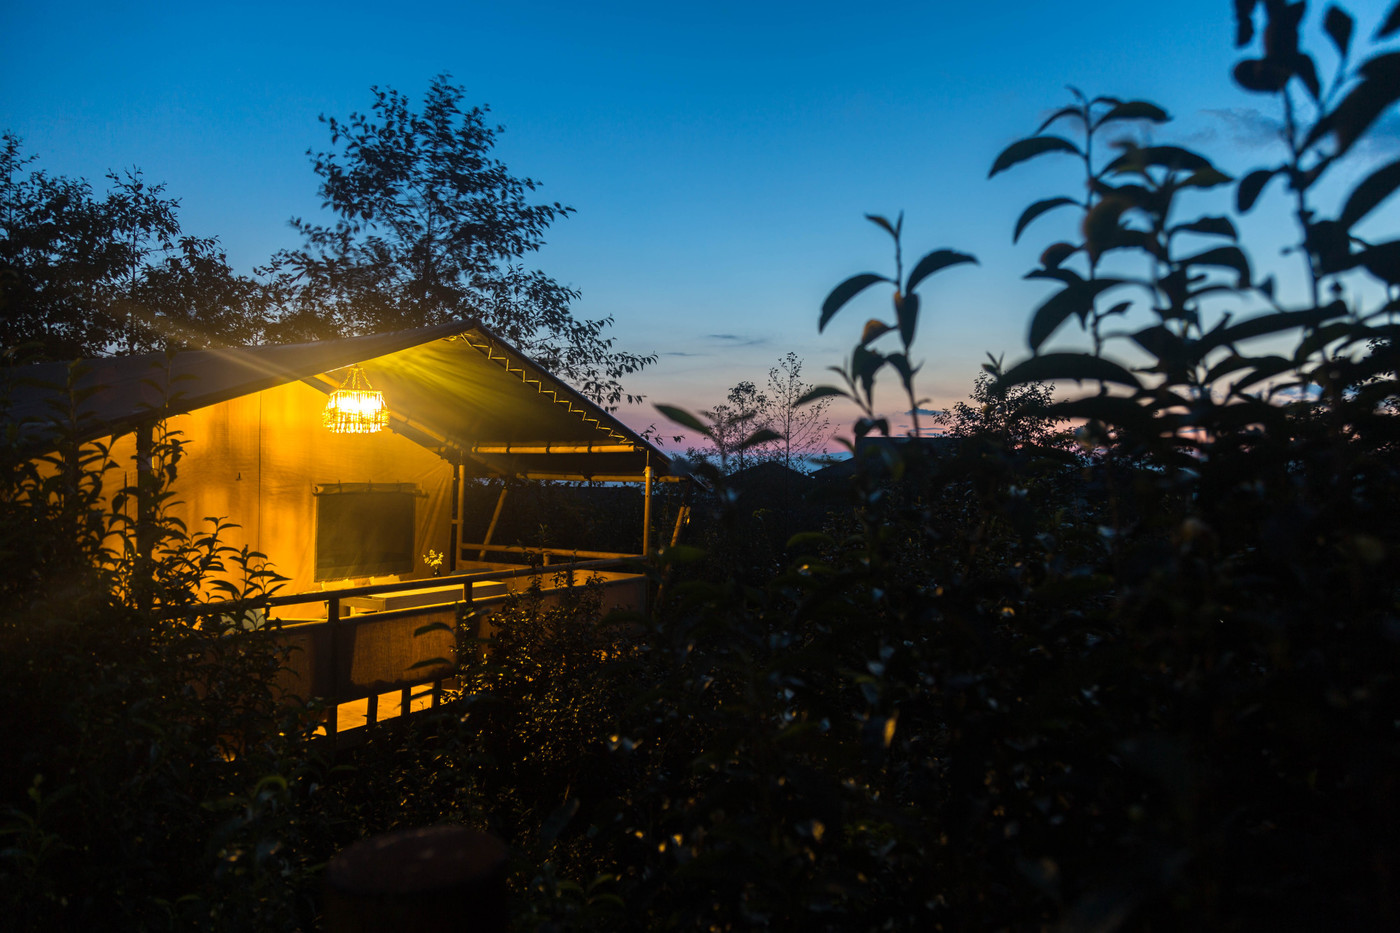 喜马拉雅野奢帐篷酒店—云南腾冲高黎贡山茶博园32